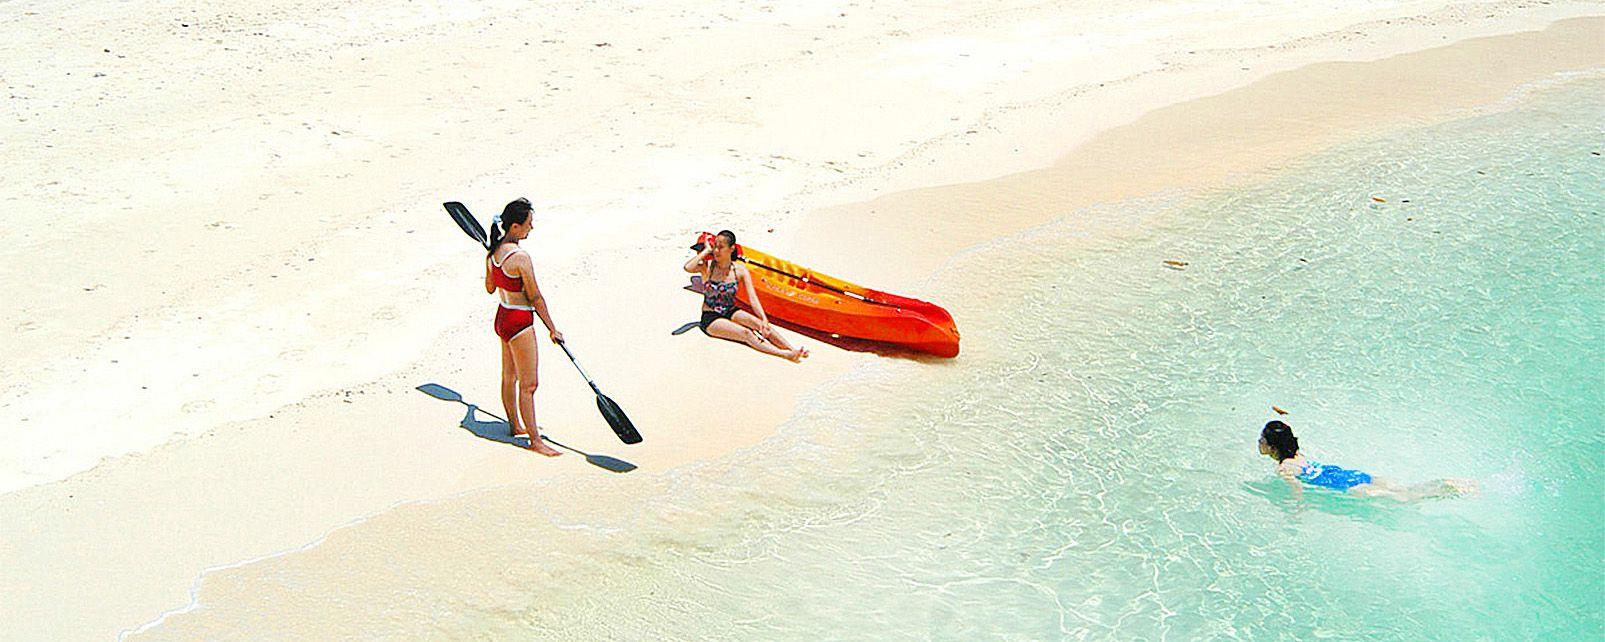 Le isole nel mare delle Andamane, Le isole del mare di Andamane, Le rive, Phuket, Thailandia